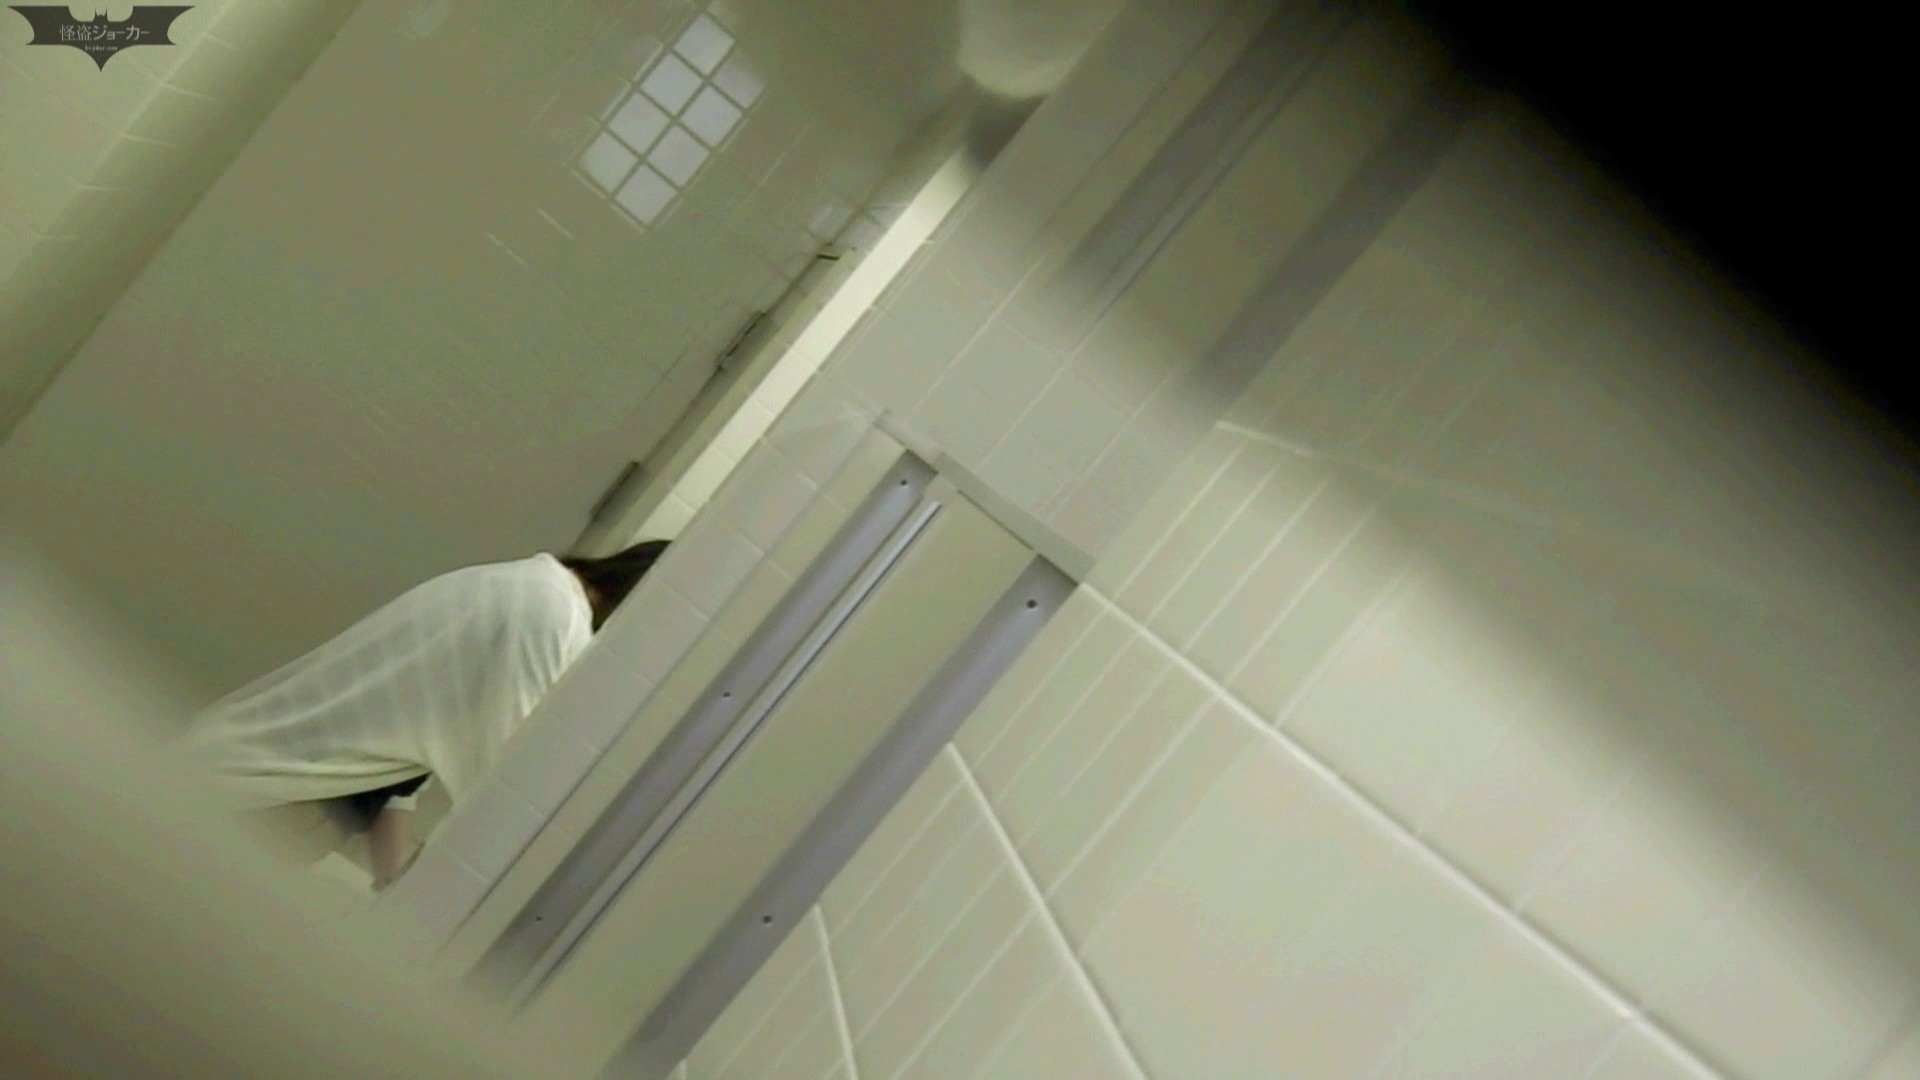 お銀 vol.68 無謀に通路に飛び出て一番明るいフロント撮り実現、見所満載 OLのボディ | 洗面所  70PIX 40